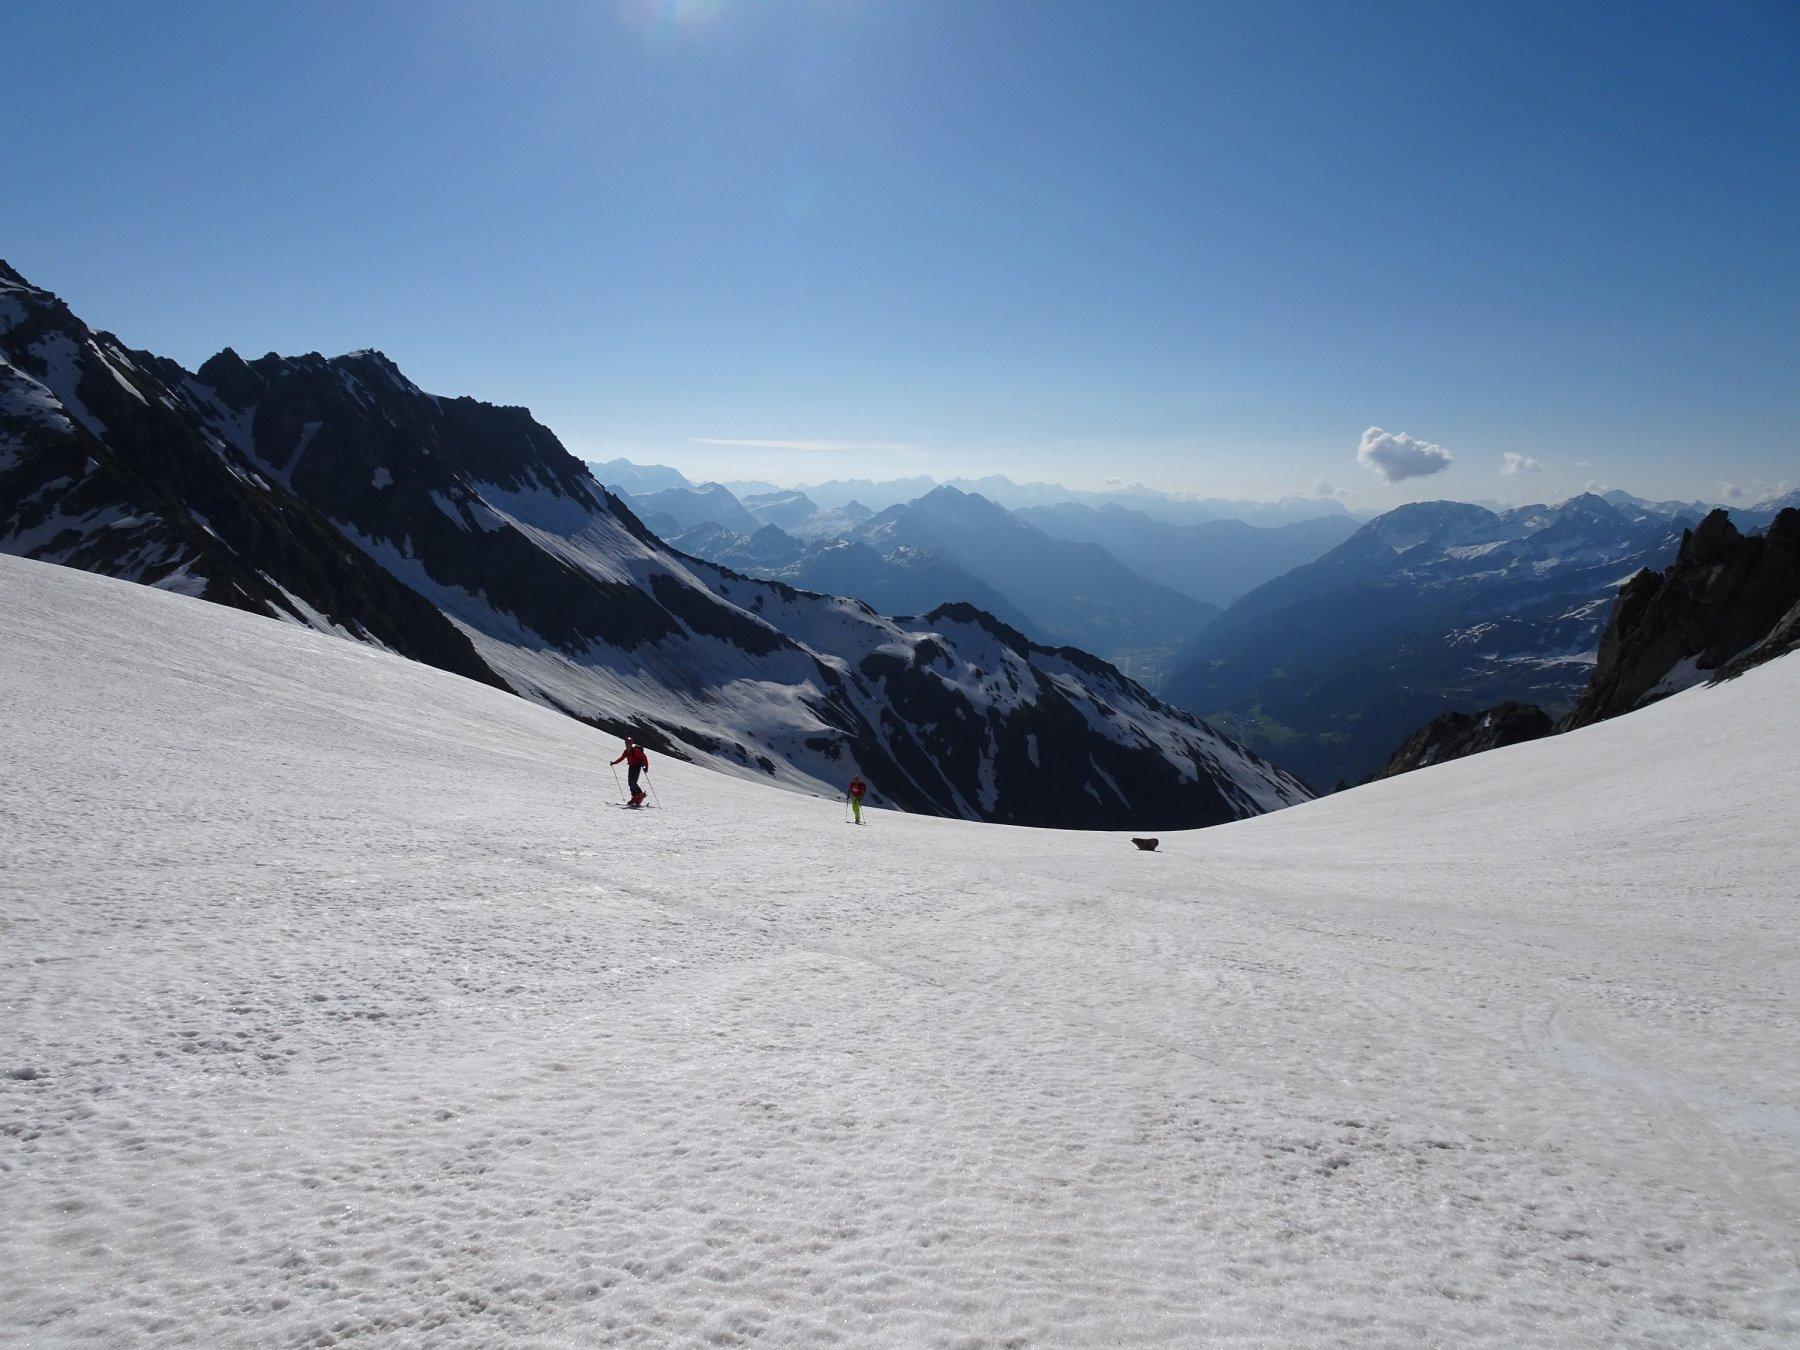 conca nevosa in solitudine